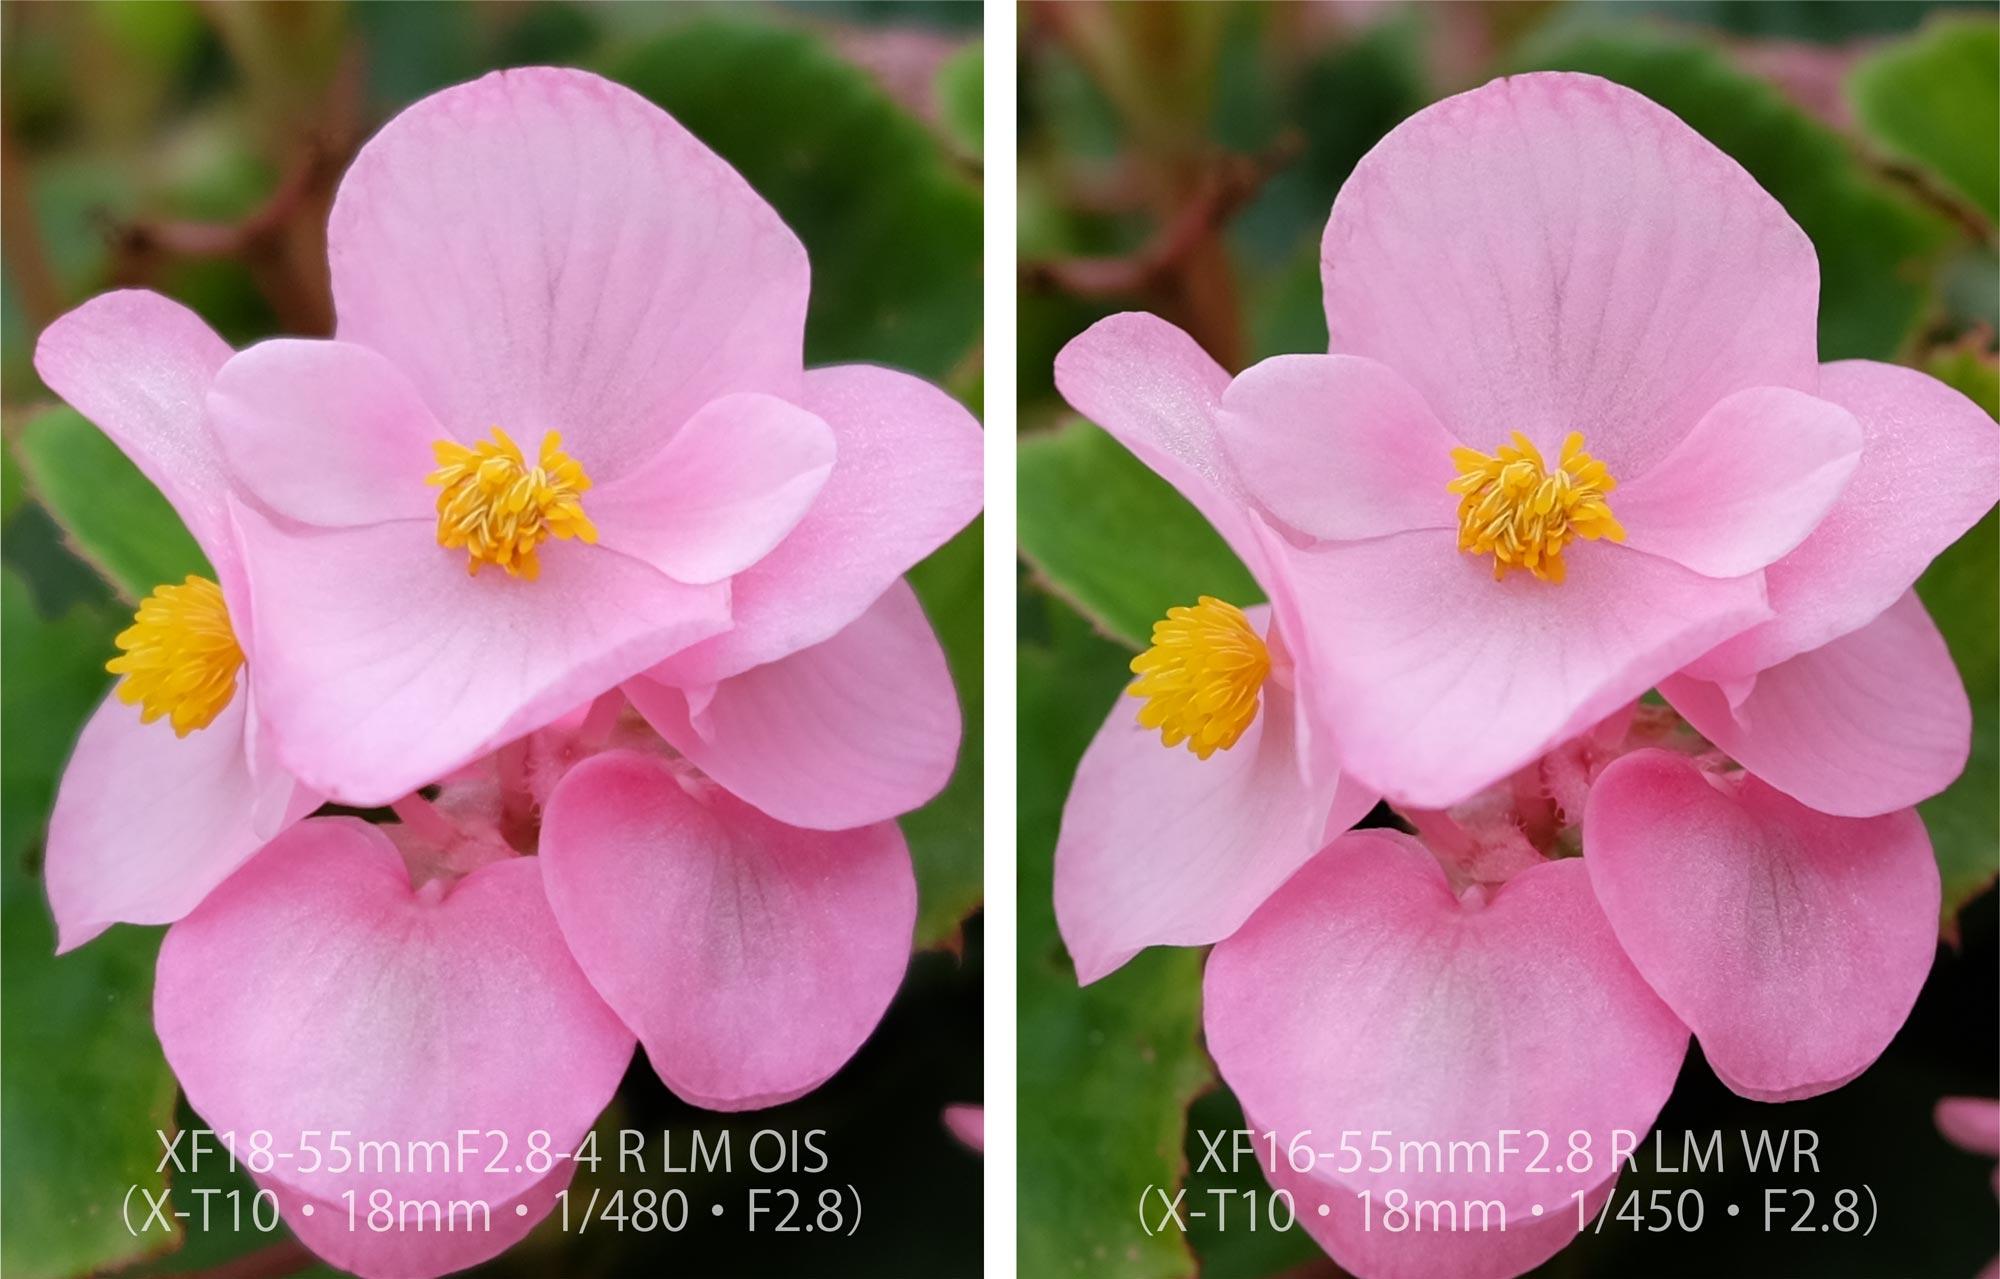 XF18-55 XF16-55 X-T10 お花1